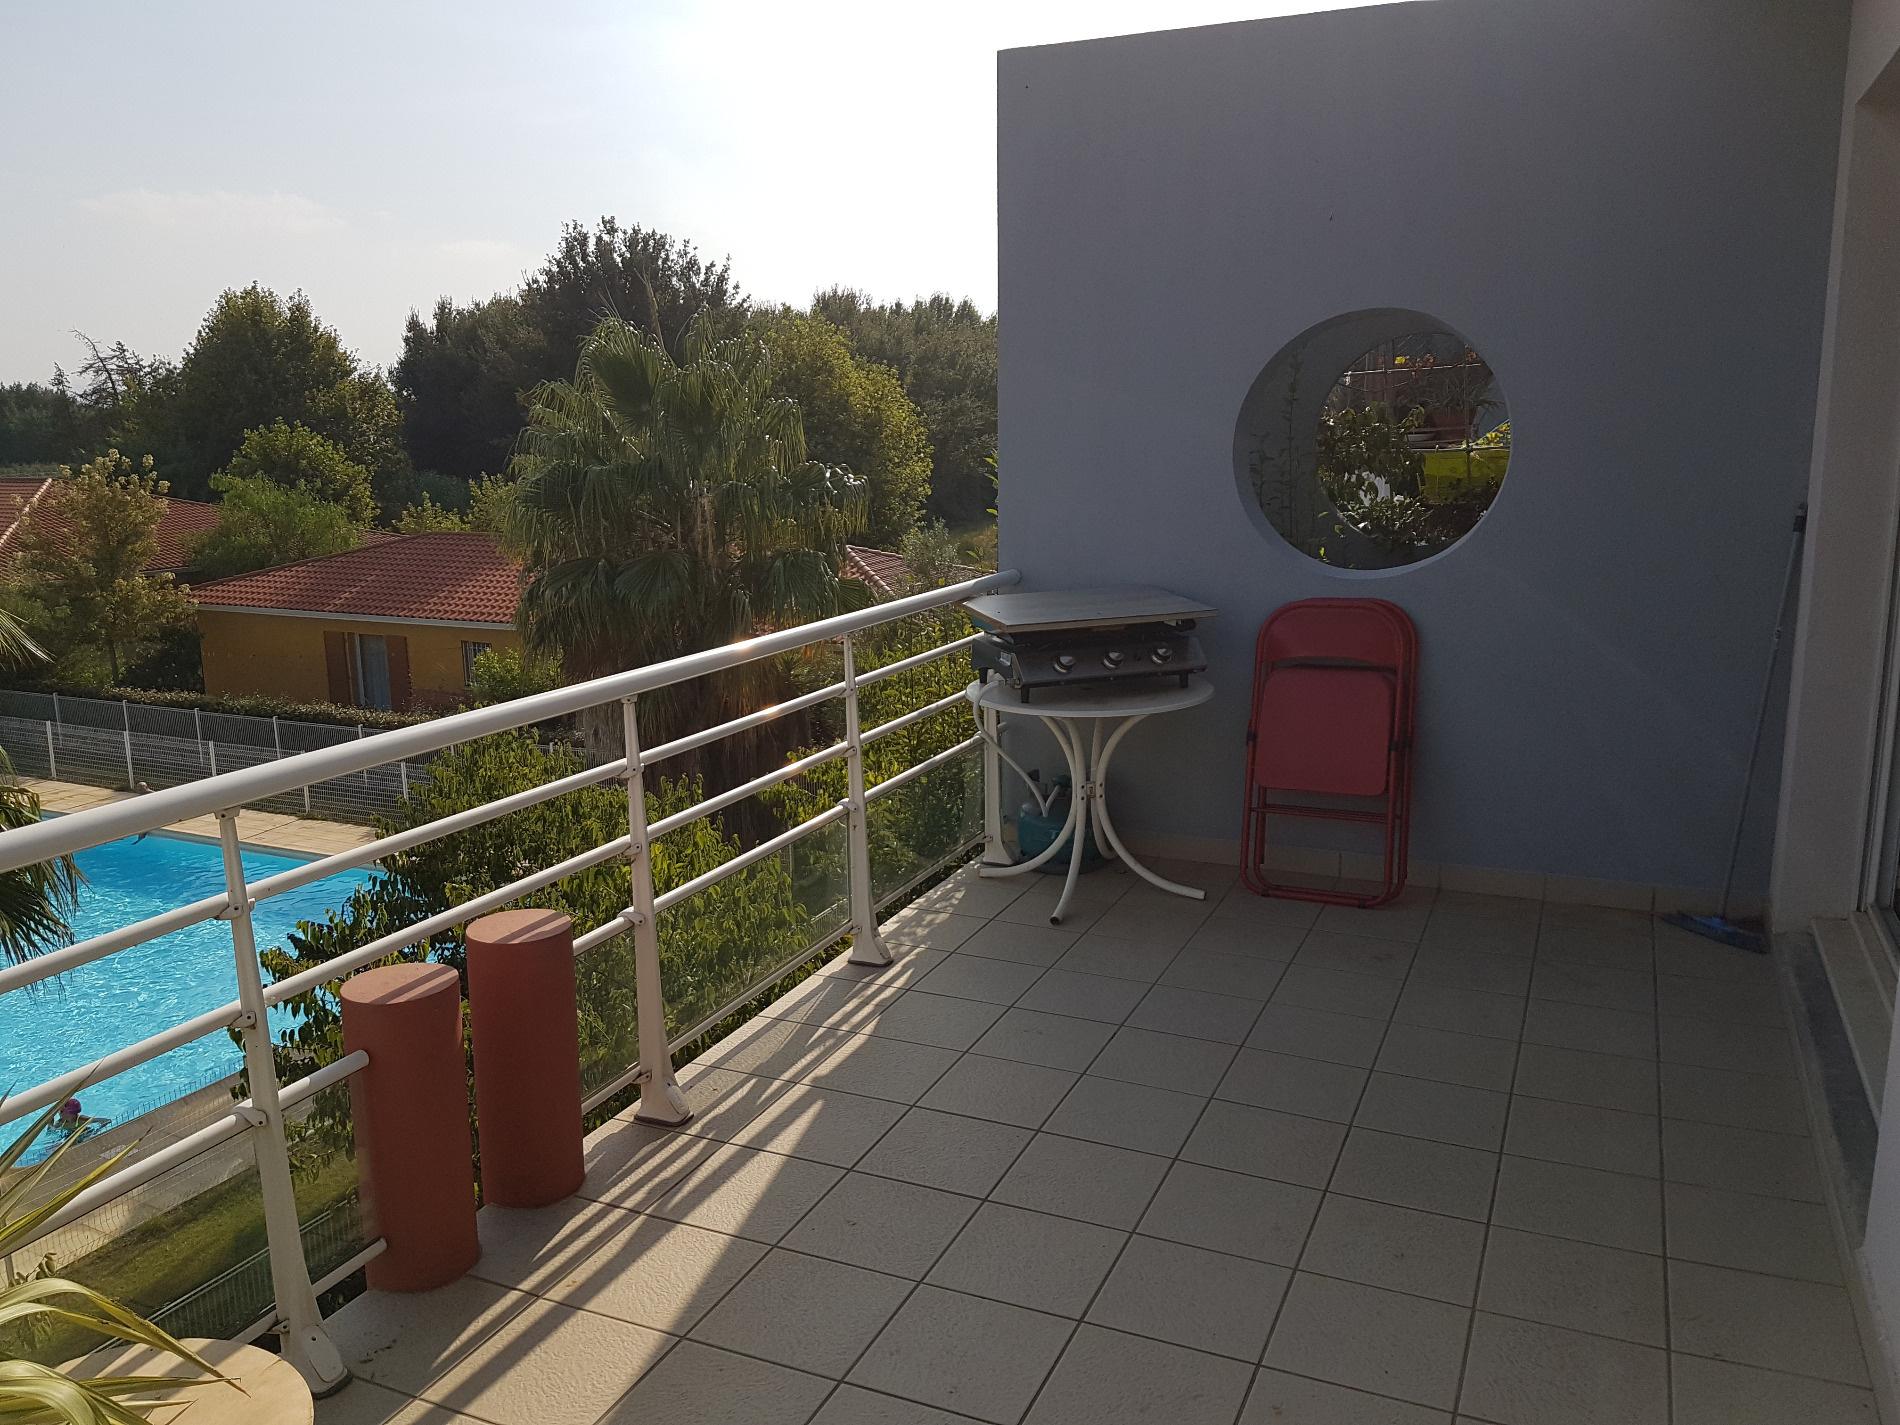 vente baho appartement f2 lou de 40 m avec terrasse et parking priv. Black Bedroom Furniture Sets. Home Design Ideas